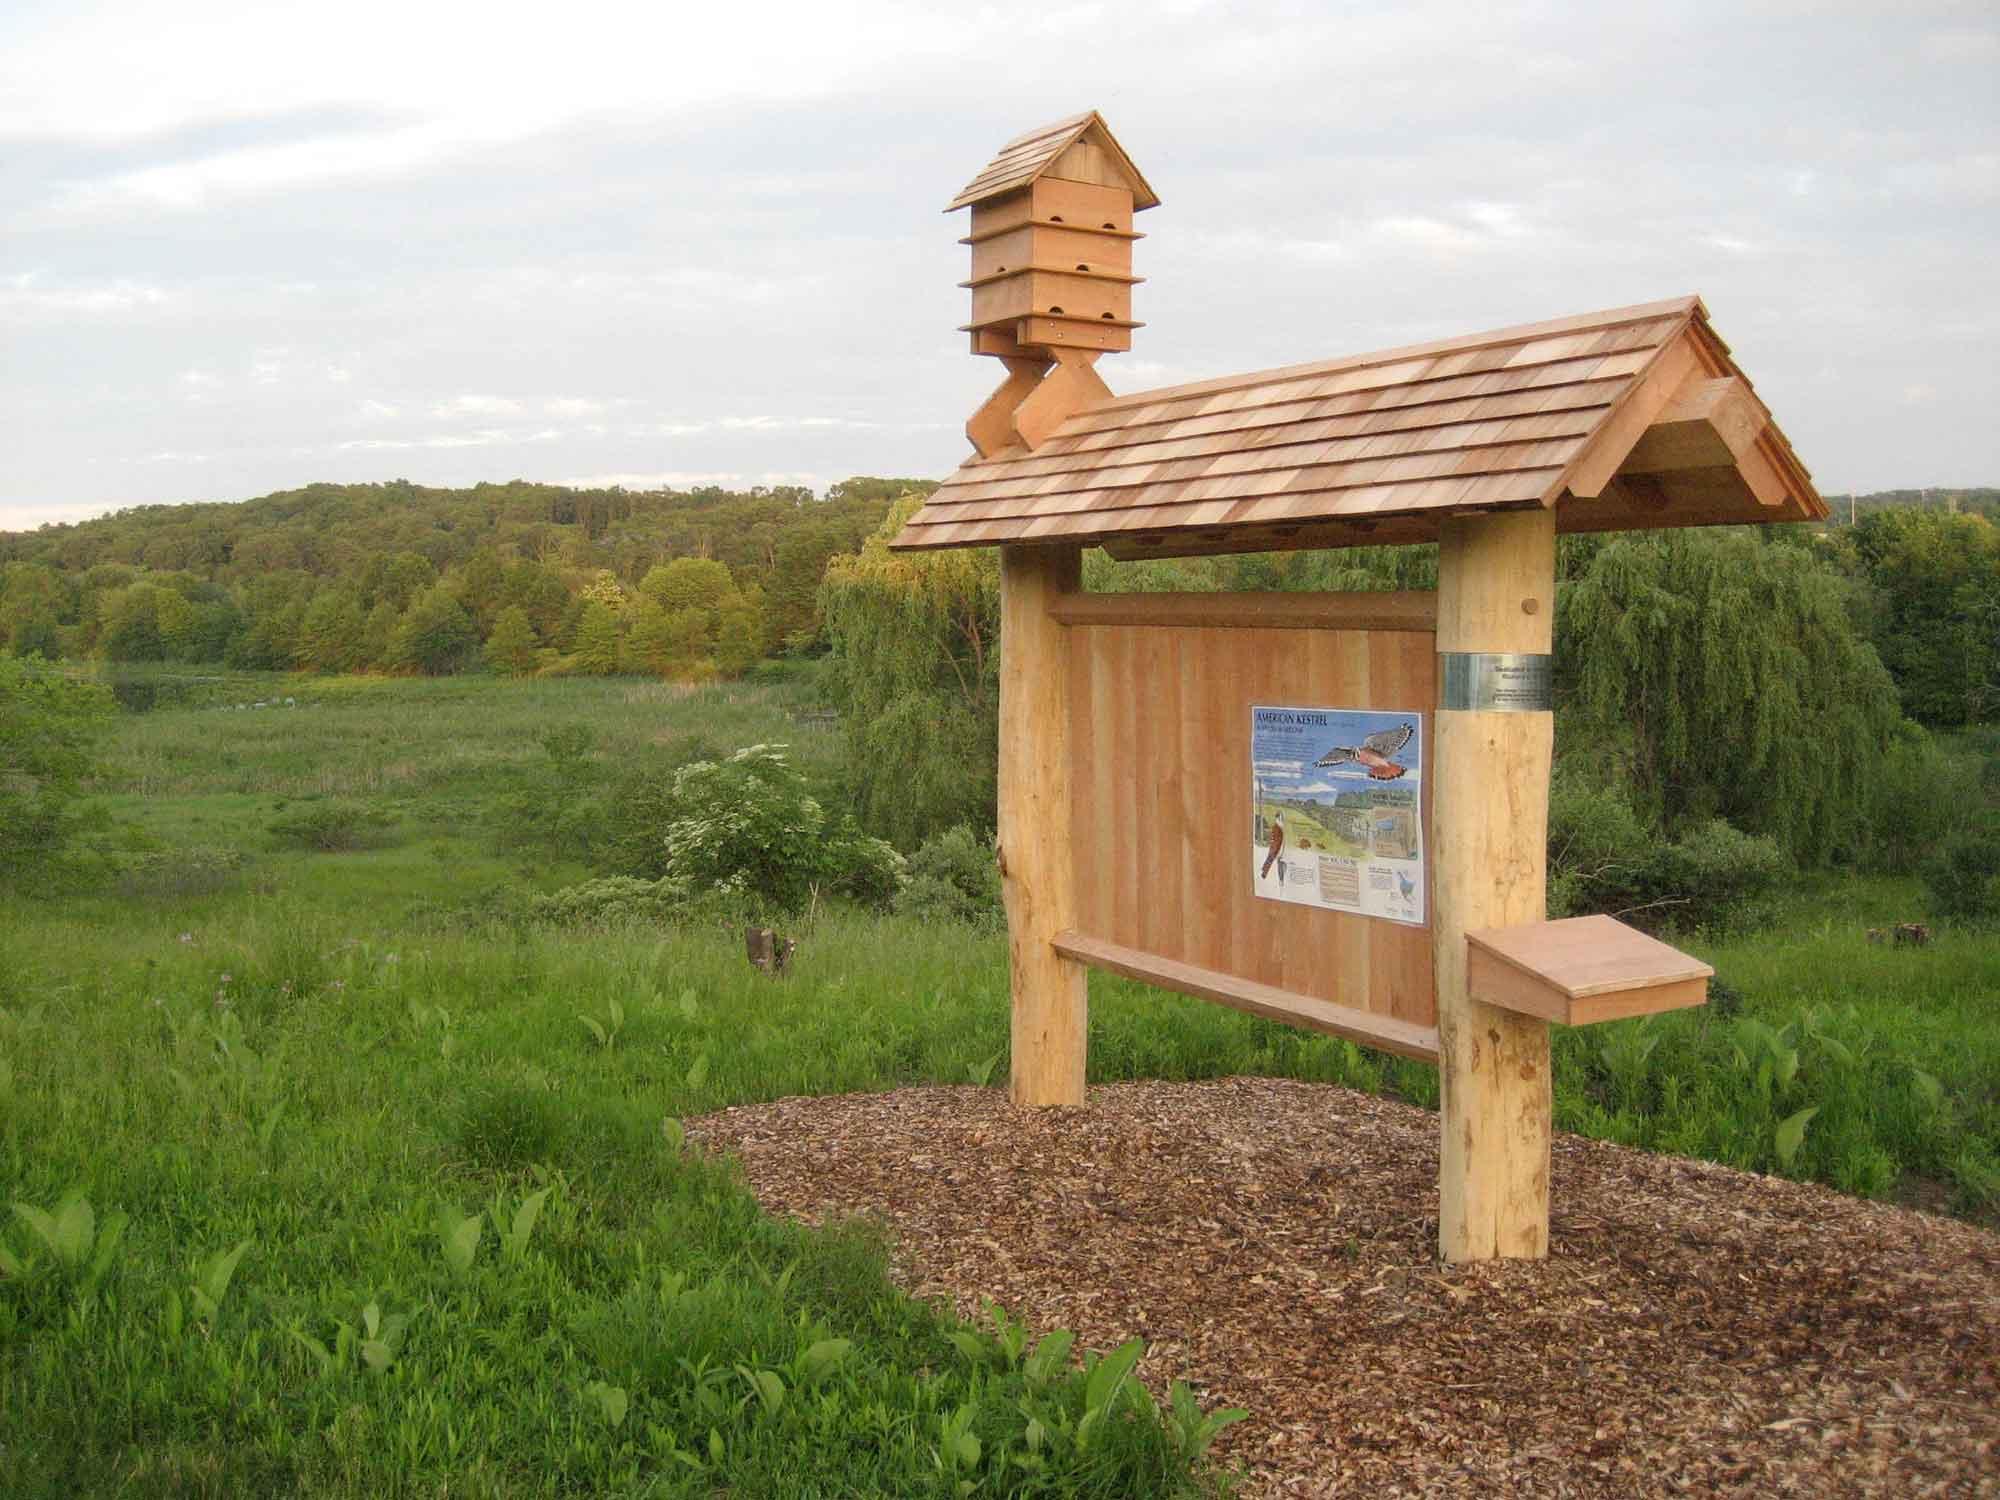 audubon-kiosk-10032.jpg